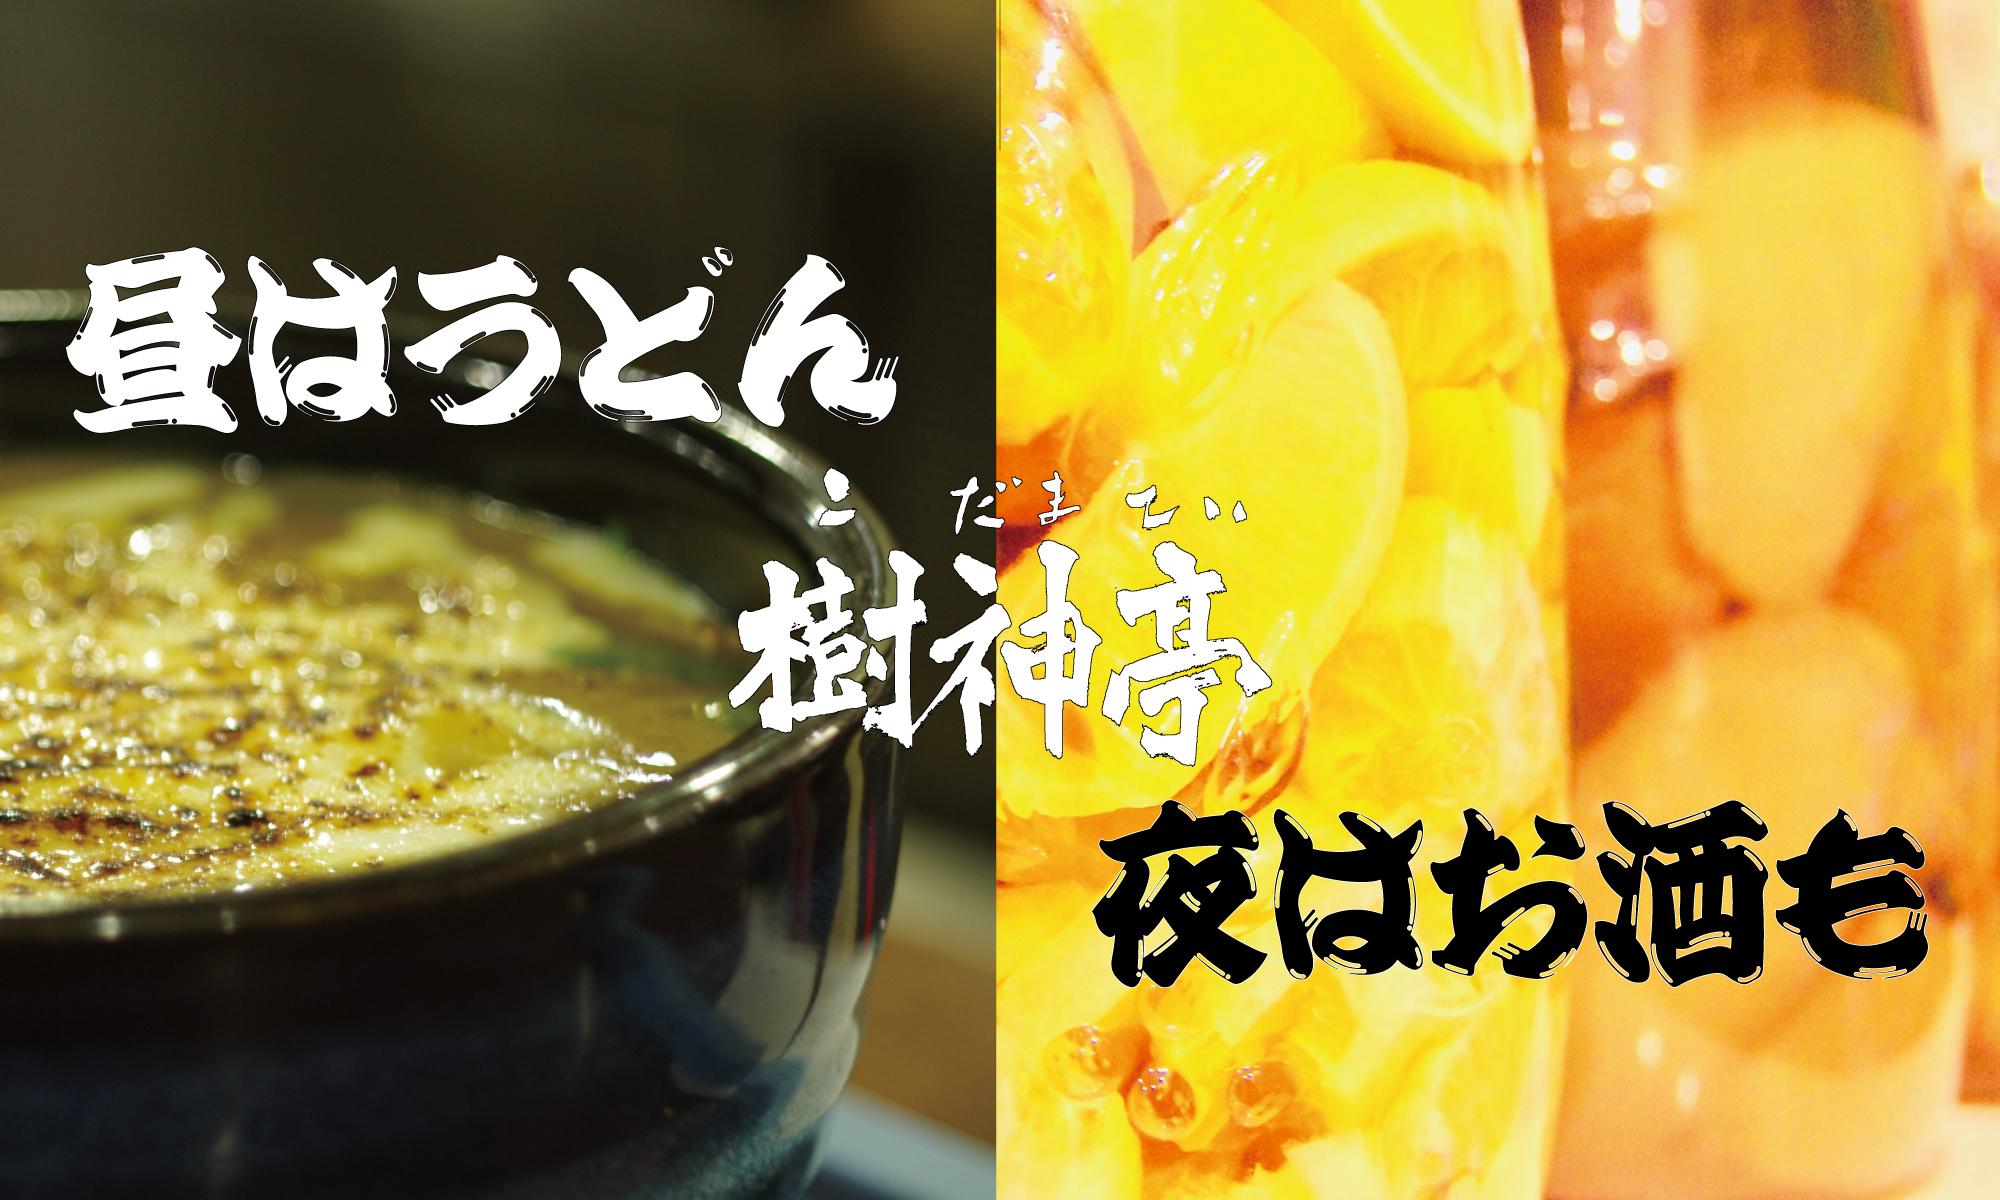 愛知県安城市のカレーうどんがおいしくお酒も飲めるお店、樹神亭